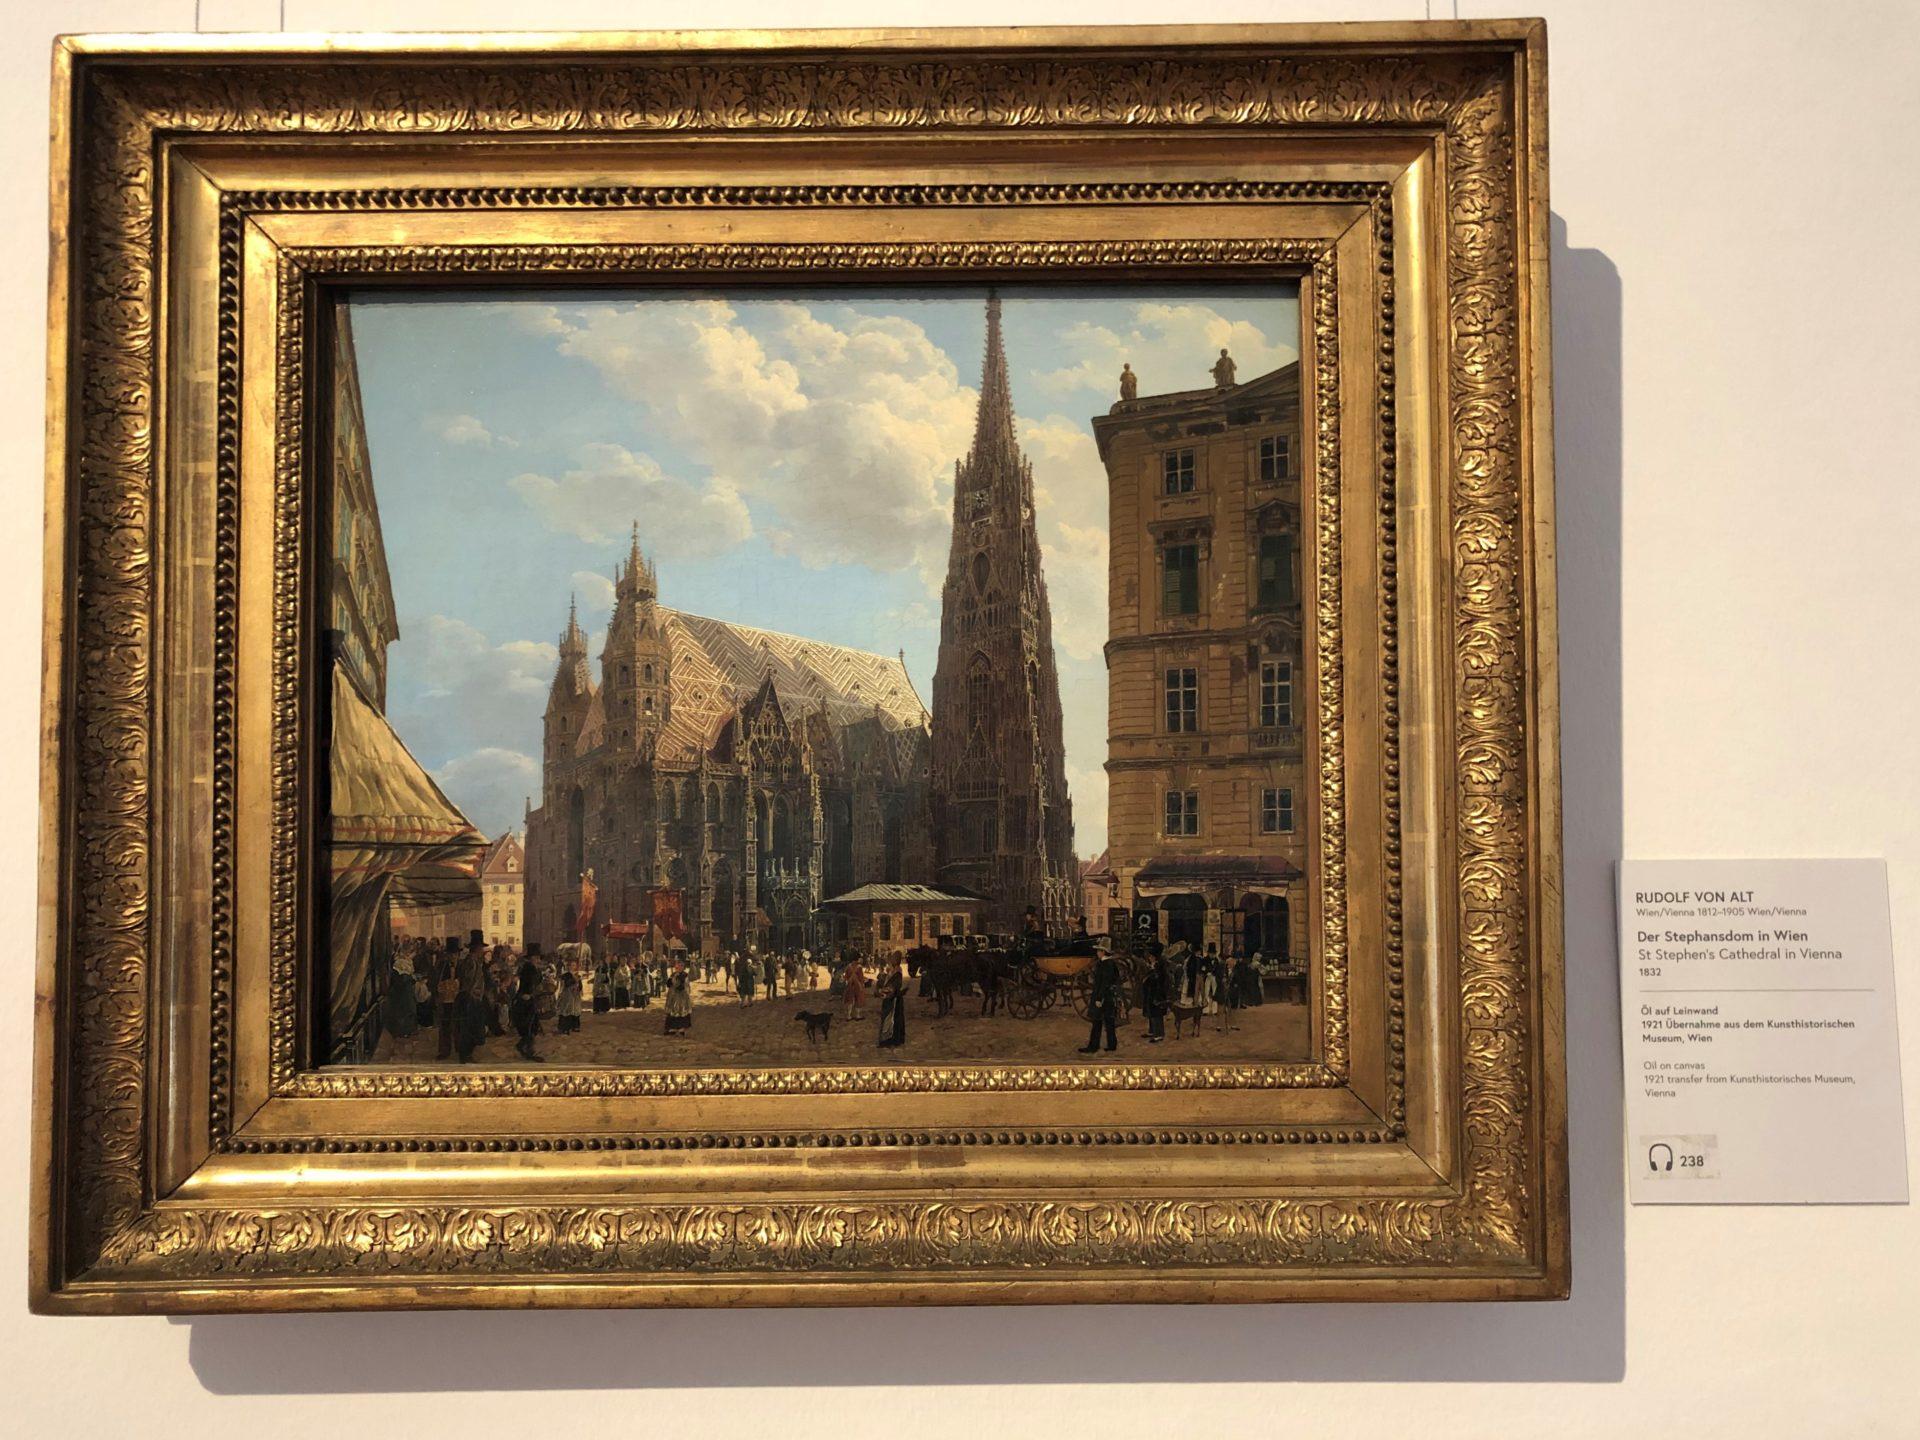 古いシュテファン大聖堂の絵